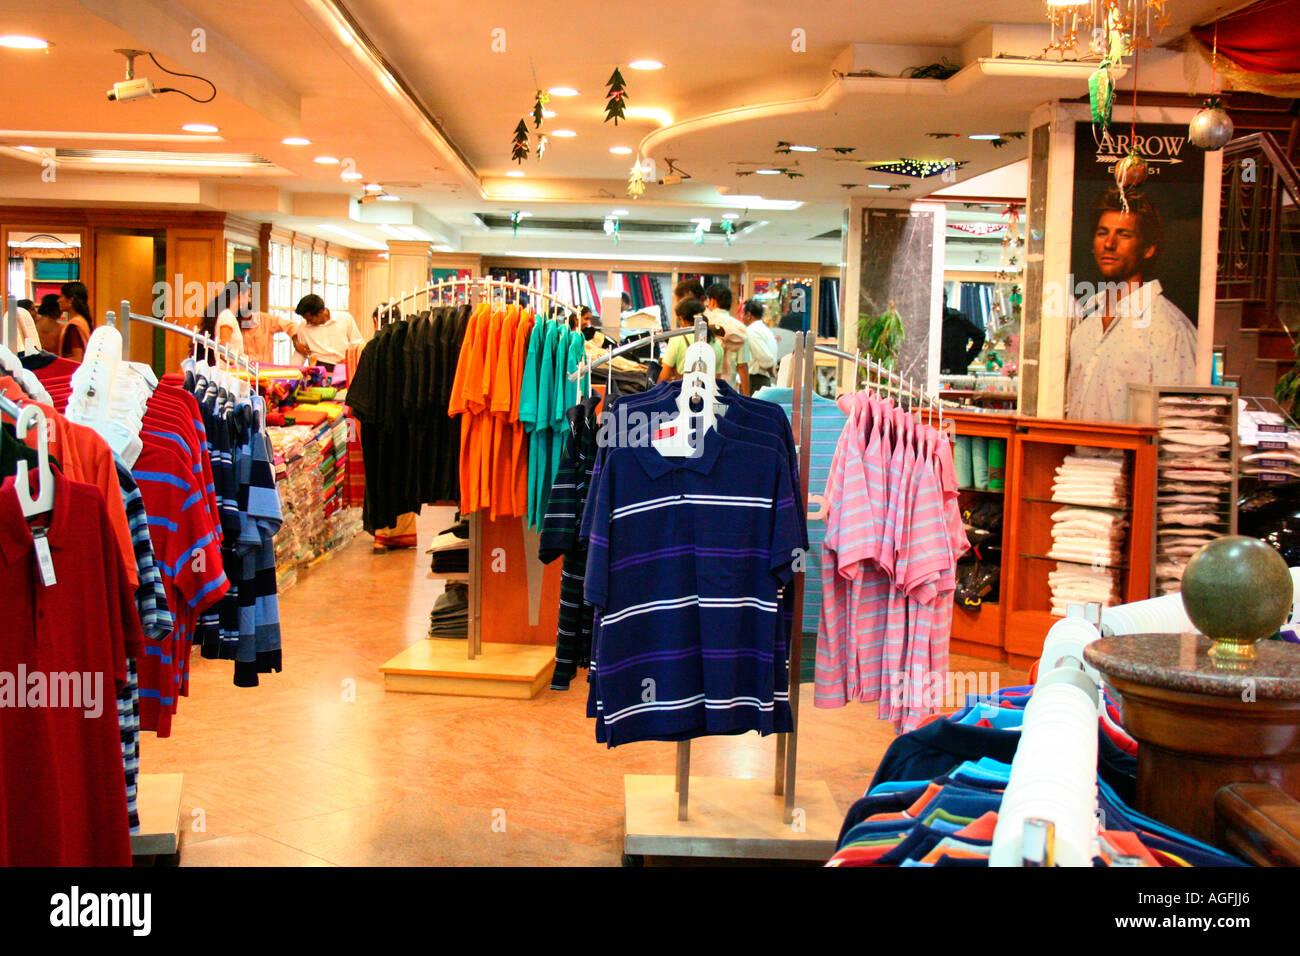 Un concurrido centro comercial textil de la India visto mostrando las principales marcas internacionales Imagen De Stock